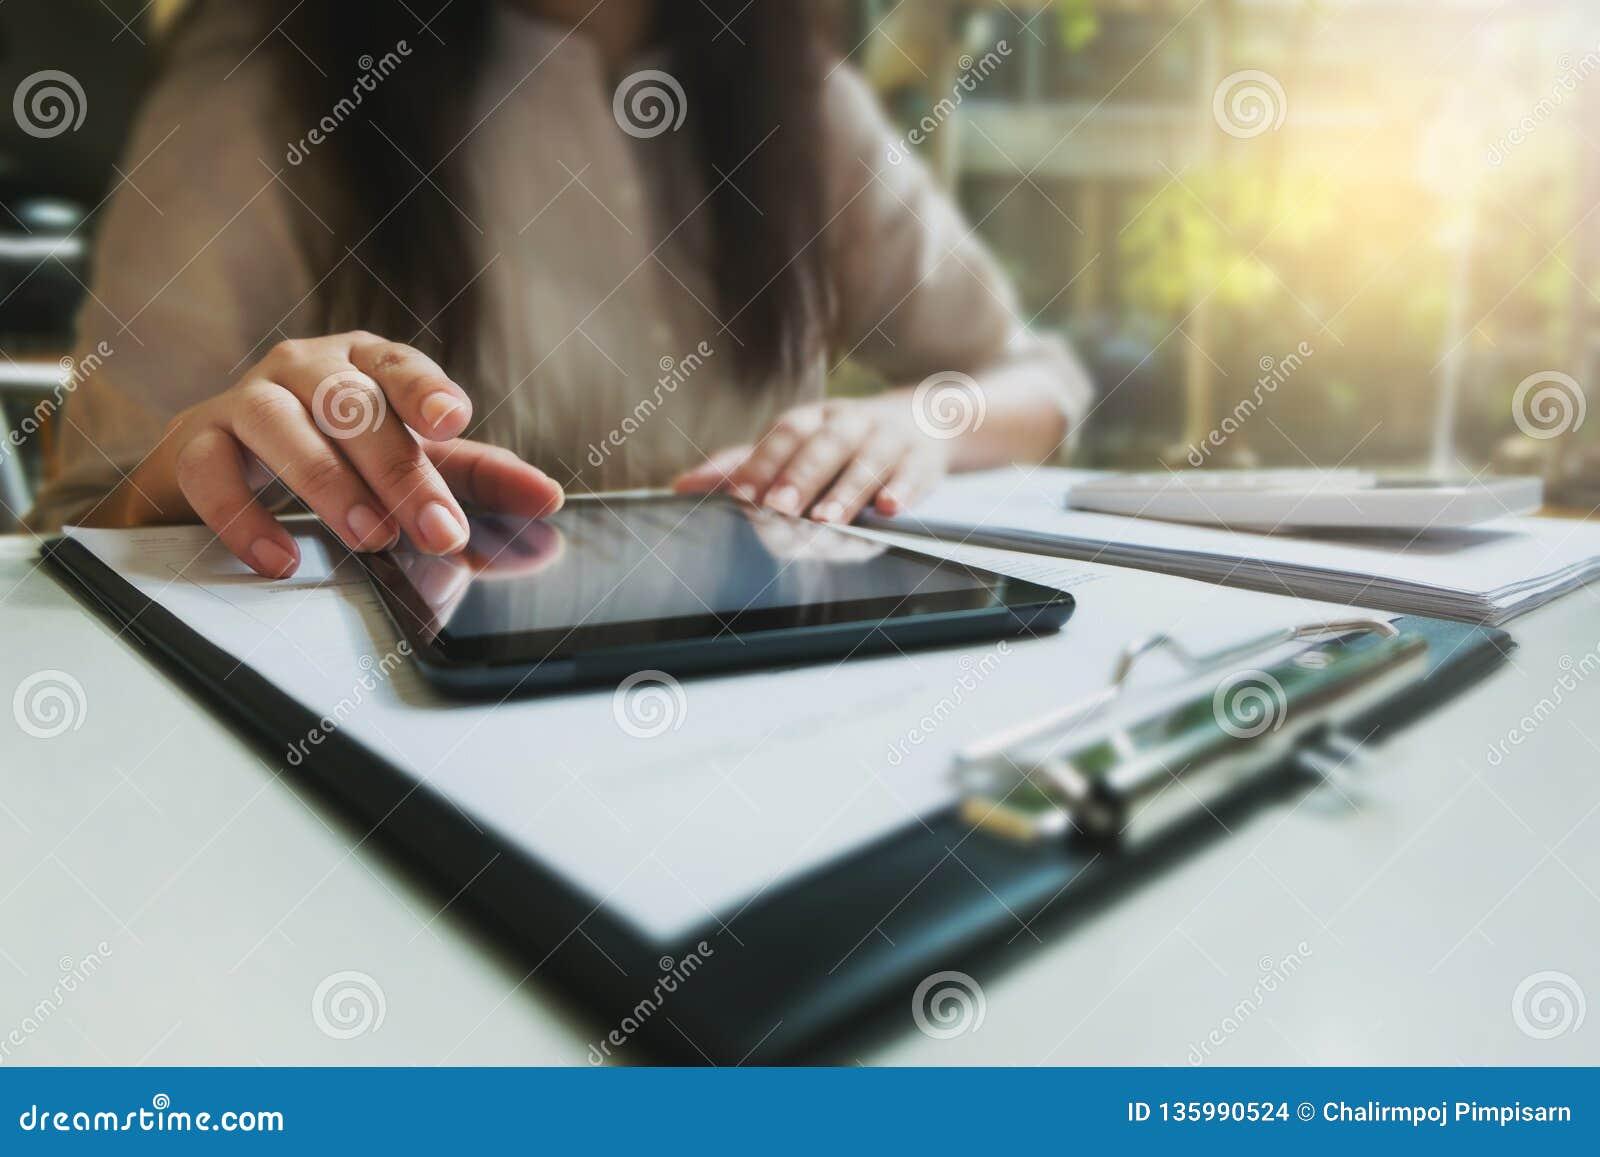 Junge Frau unter Verwendung der Tablette beim Arbeiten im Café